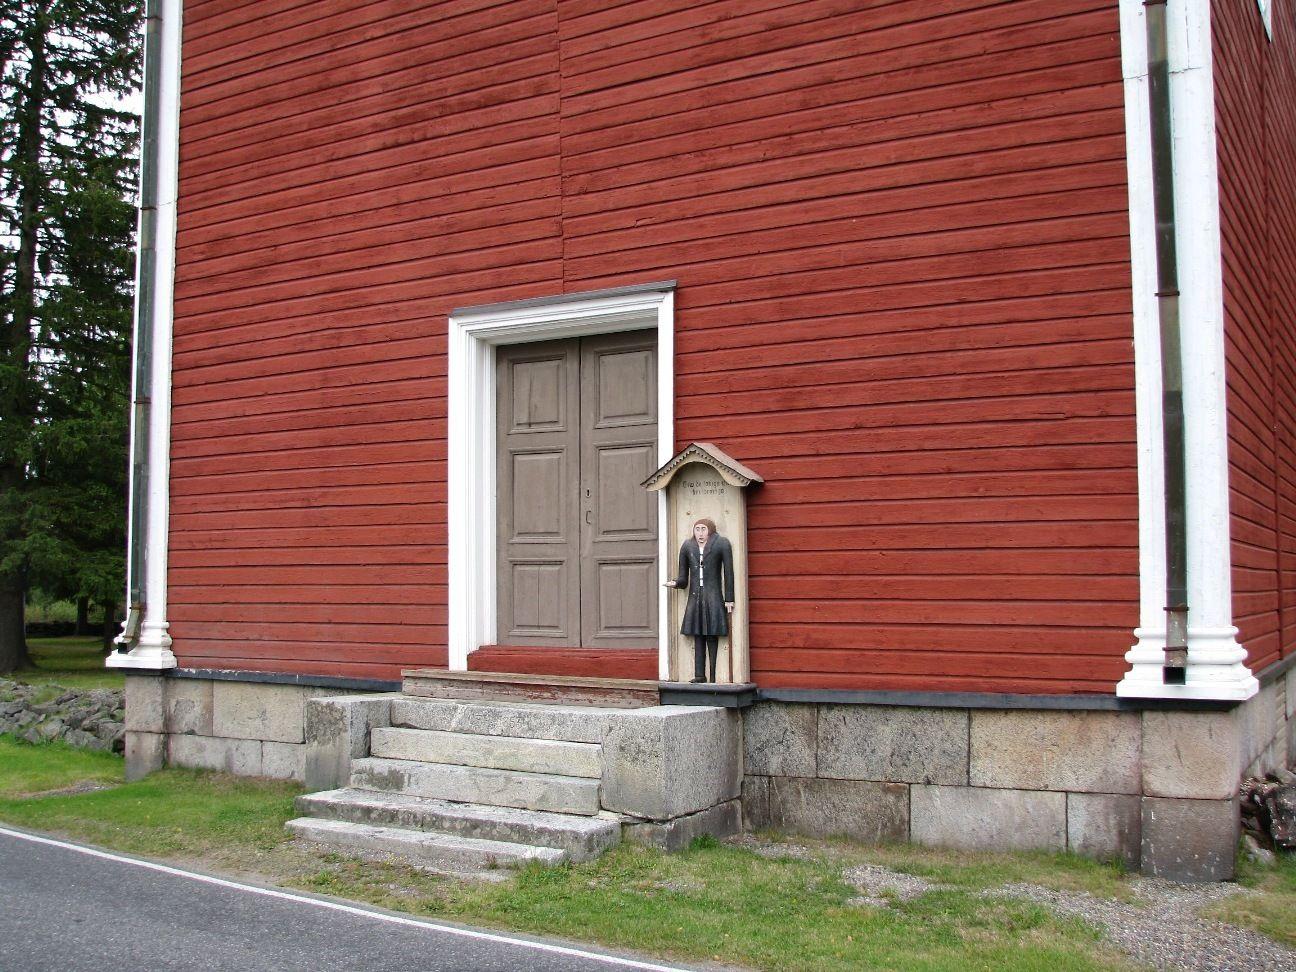 Kristiinankaupunki Lapväärtin kirkon vaivaisukko kuvattuna hiukan kauempaa, jotta myös tapulin seinää jää kuvaan.